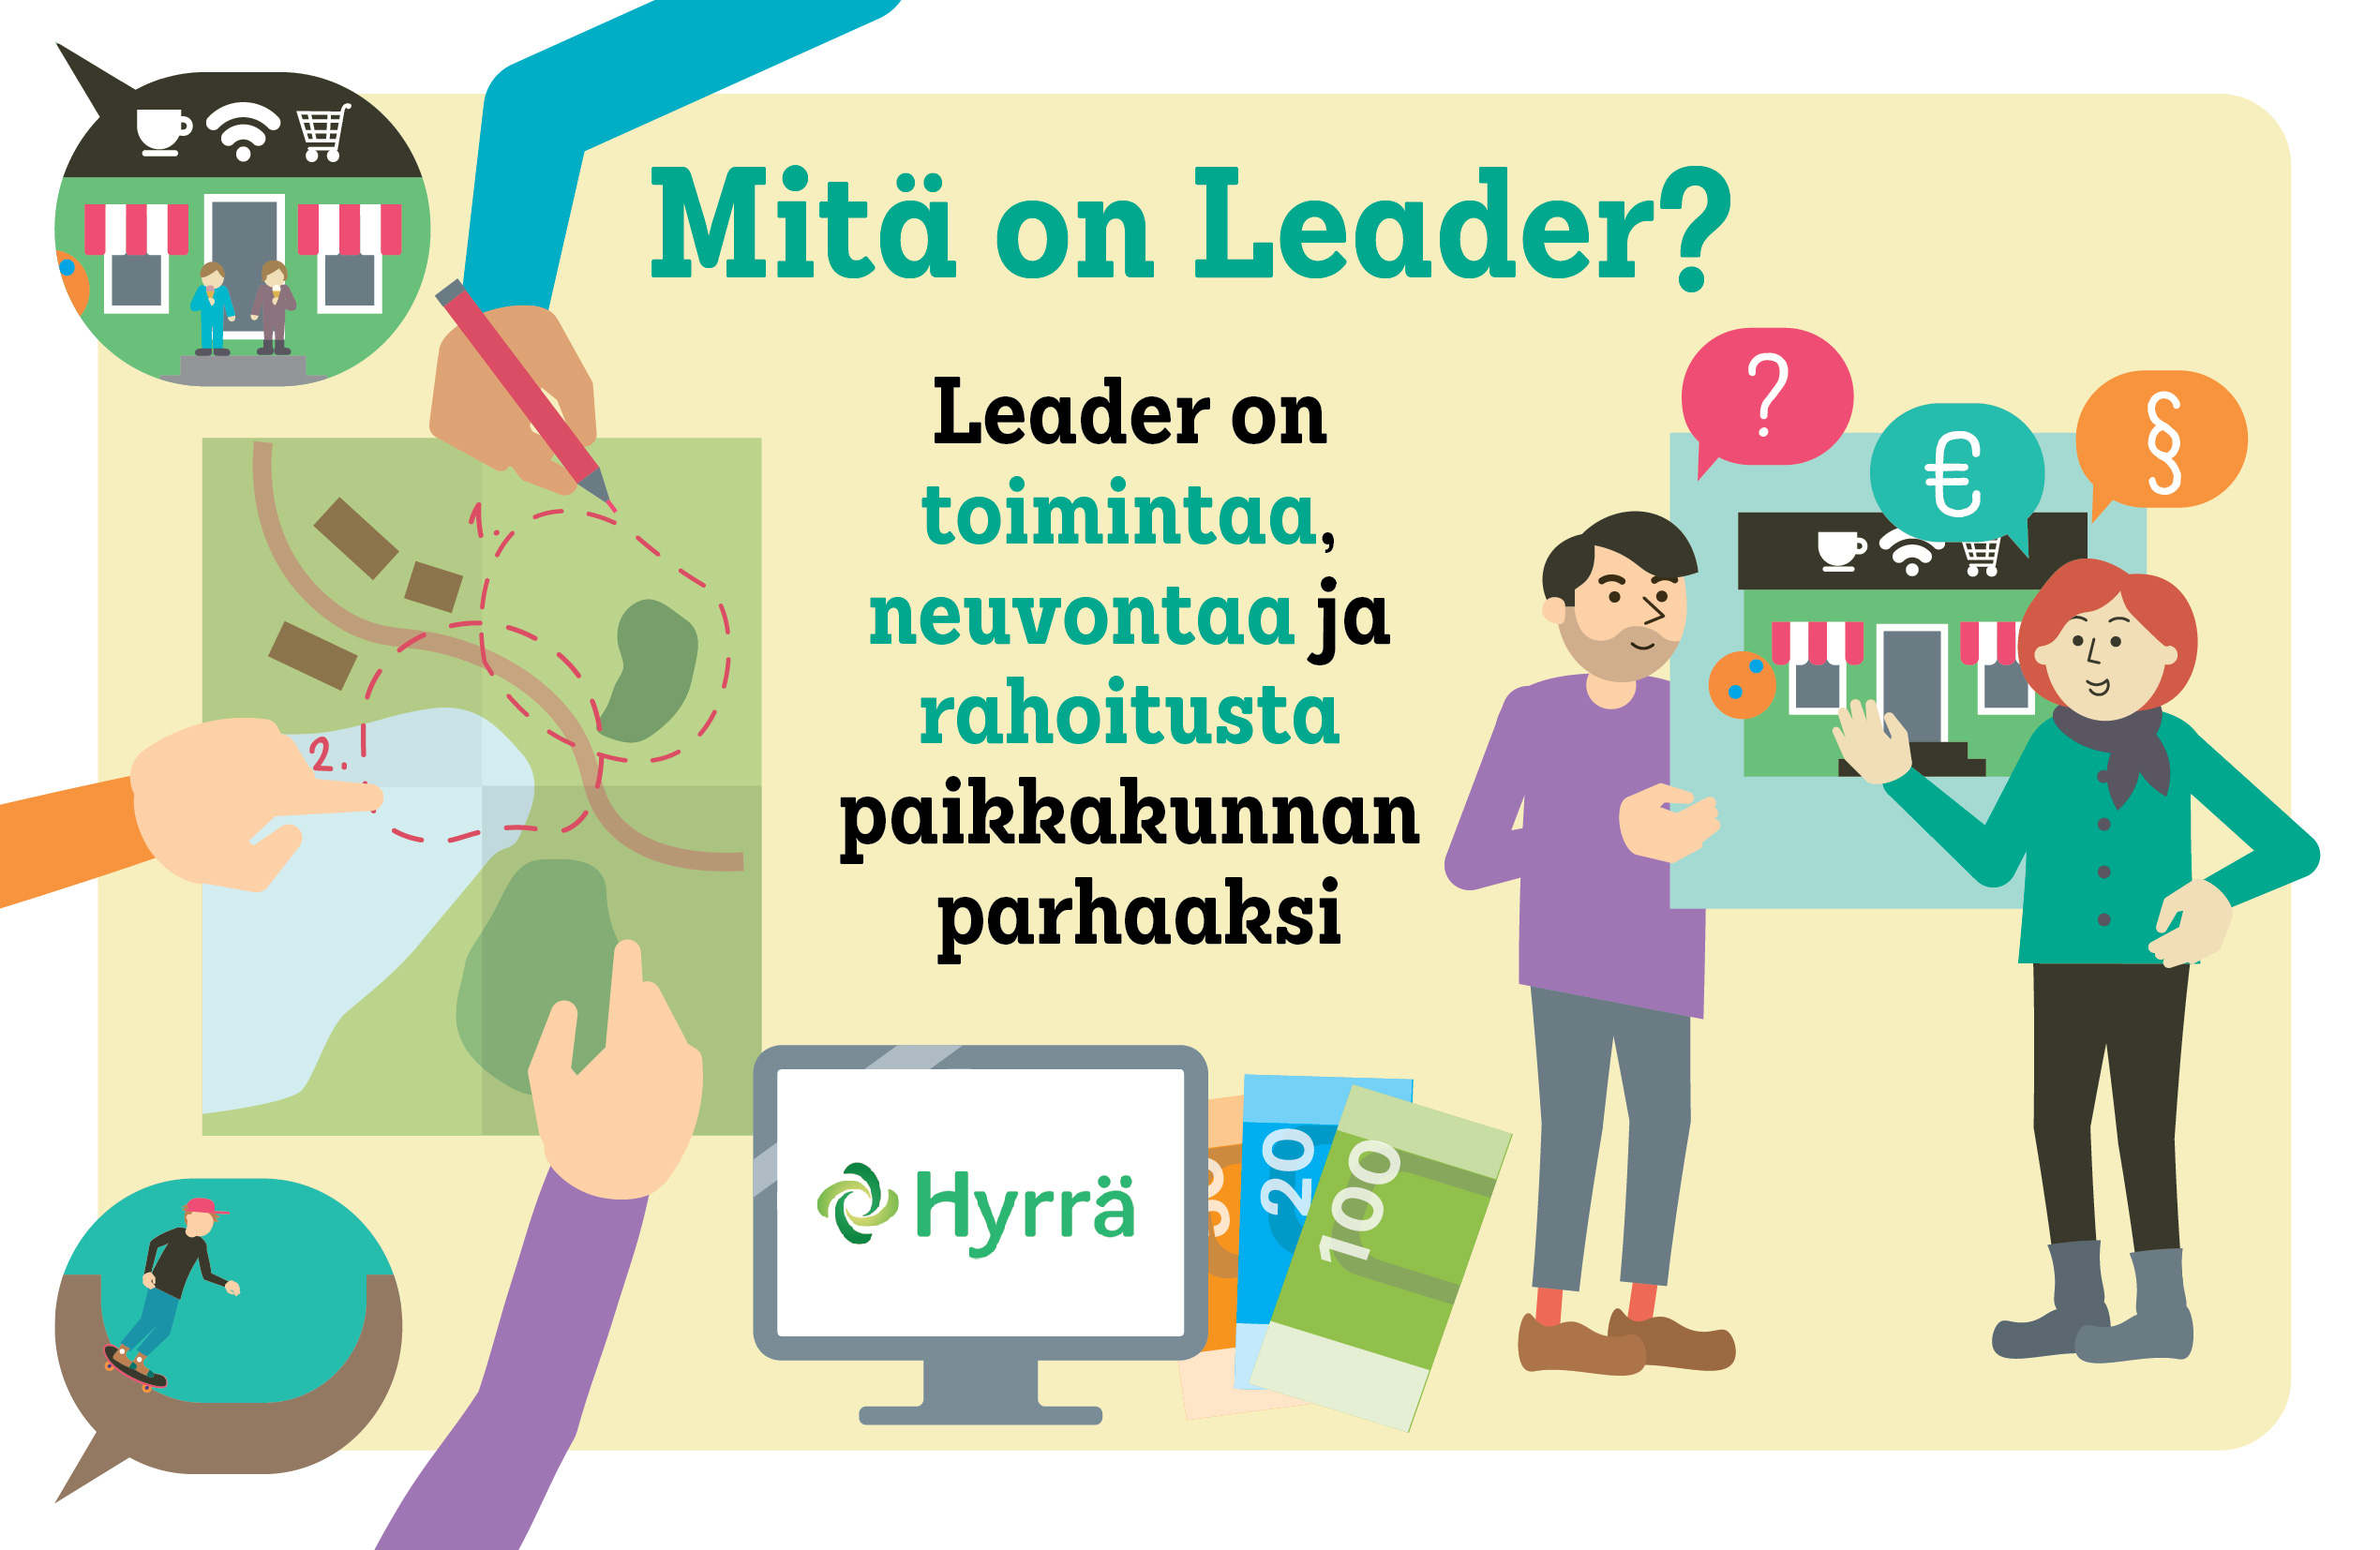 Mitä on Leader? Leader on toimintaa, neuvontaa ja rahoitusta paikkakunnan parhaaksi. Piirroskuva.